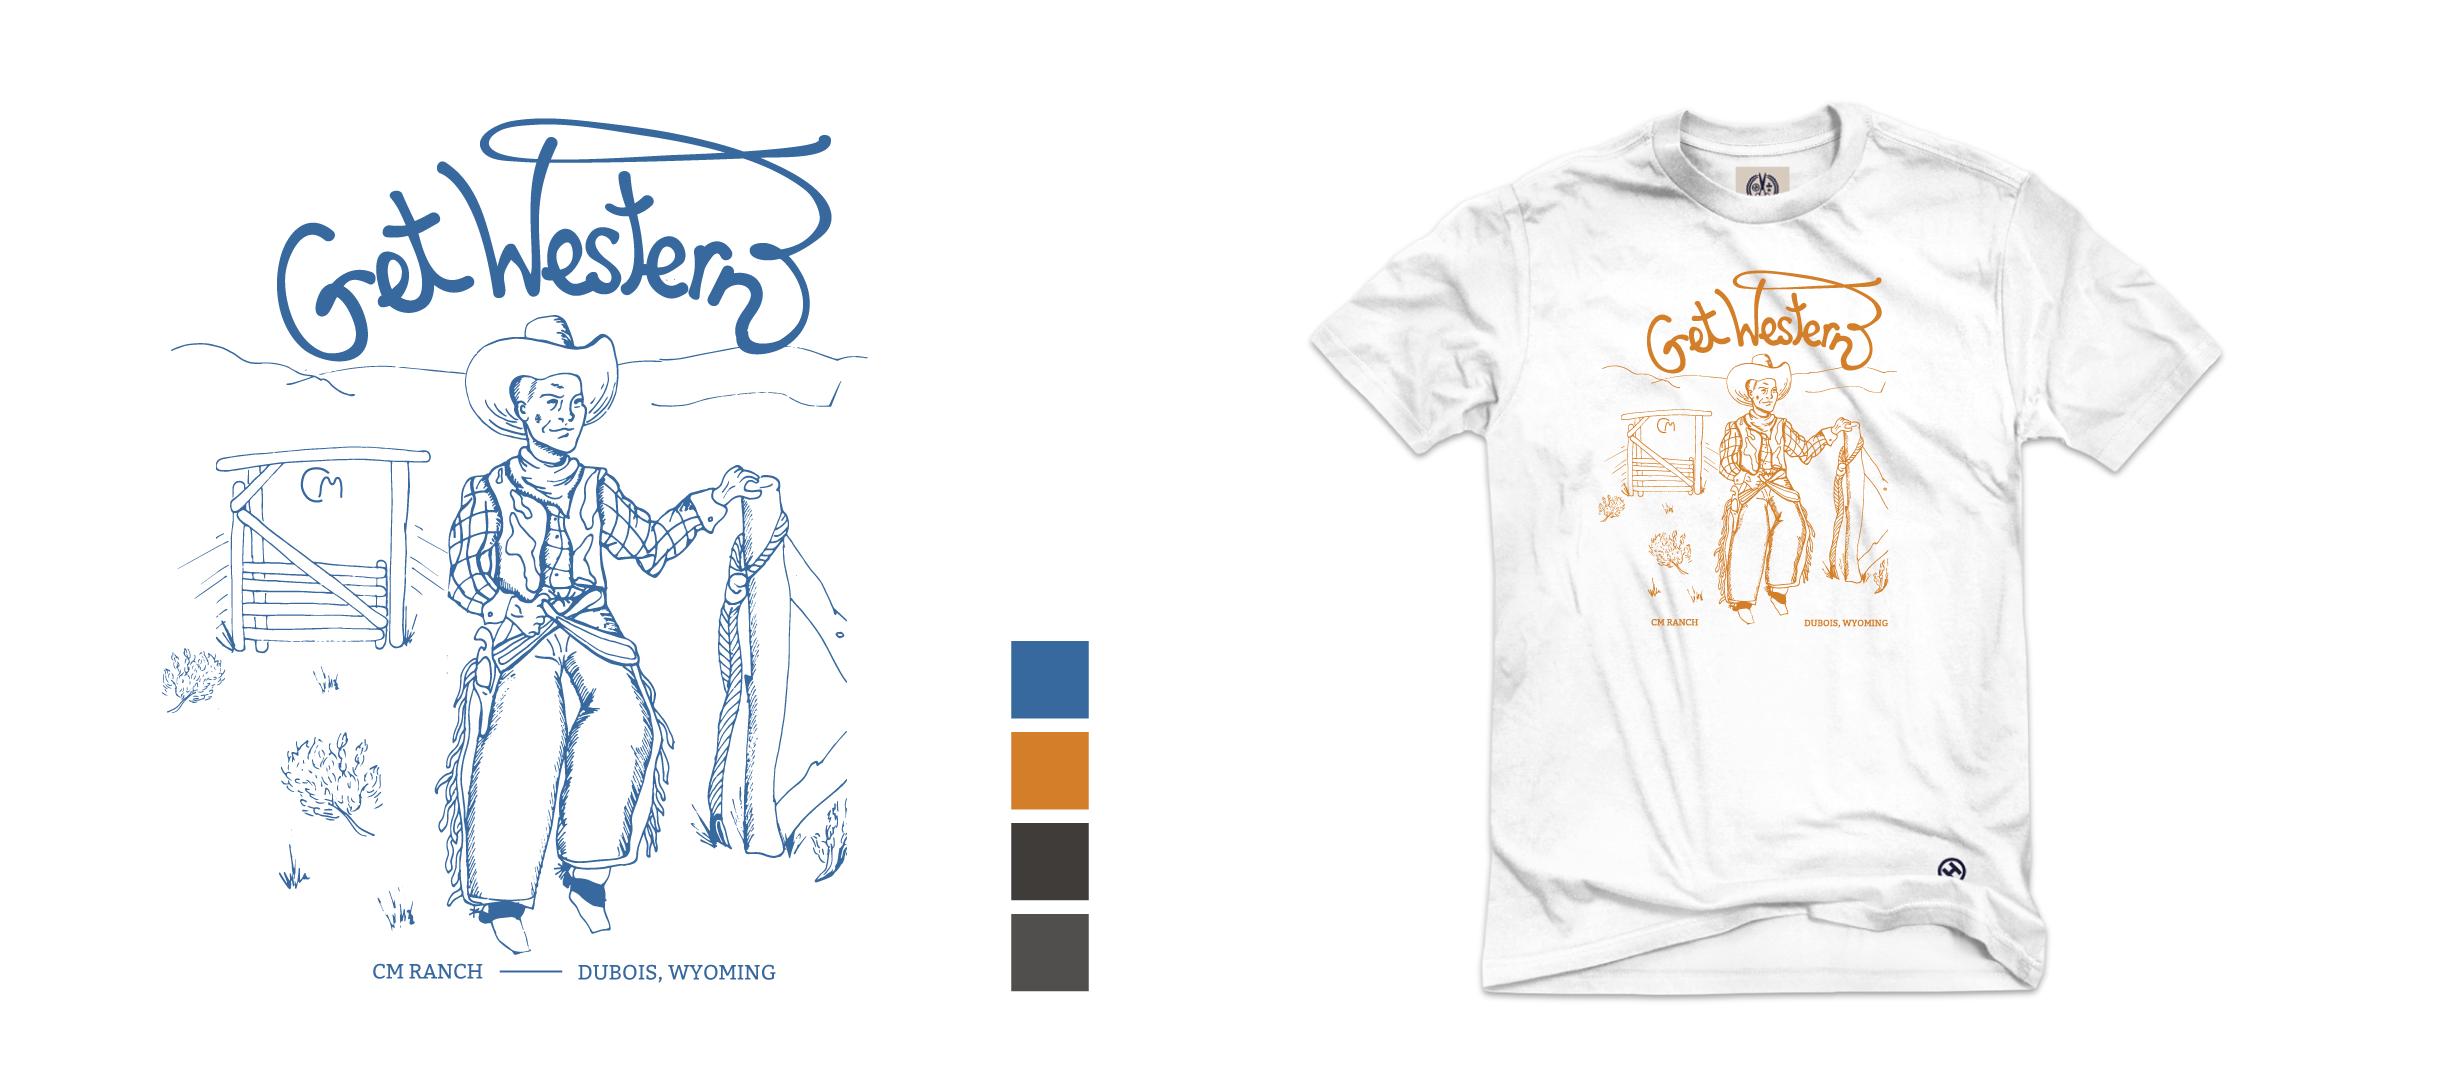 CM_Ranch_Shirts_V2-02-04.png